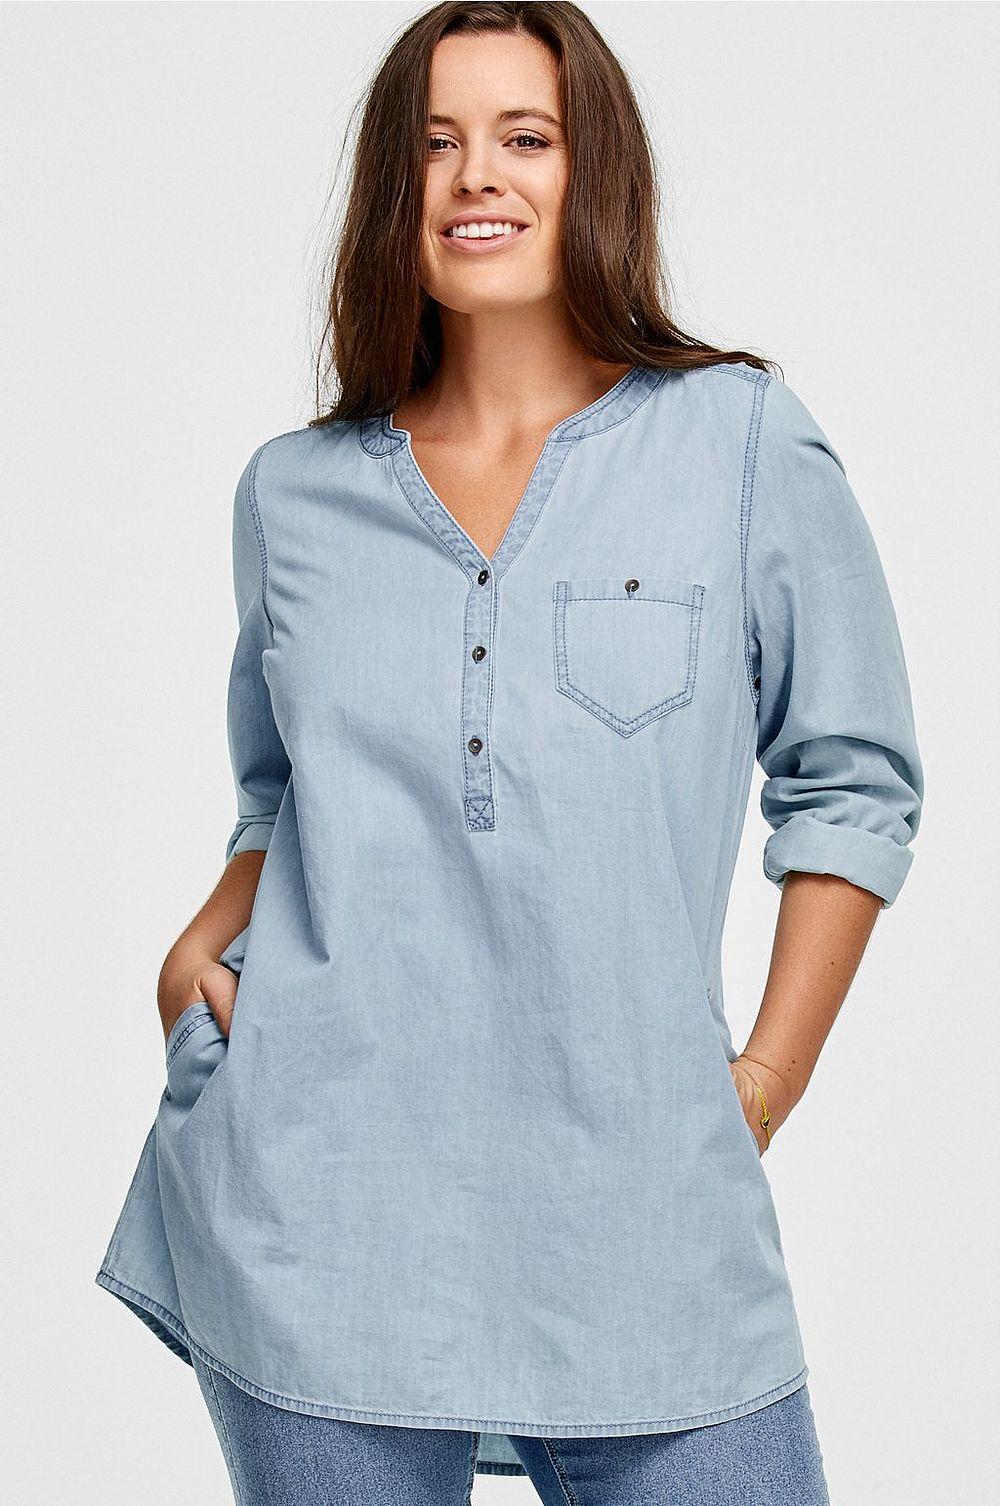 Modellens längd är 173 cm och bär storlek 44. Kraglös jeanstunika 89e178bab0526